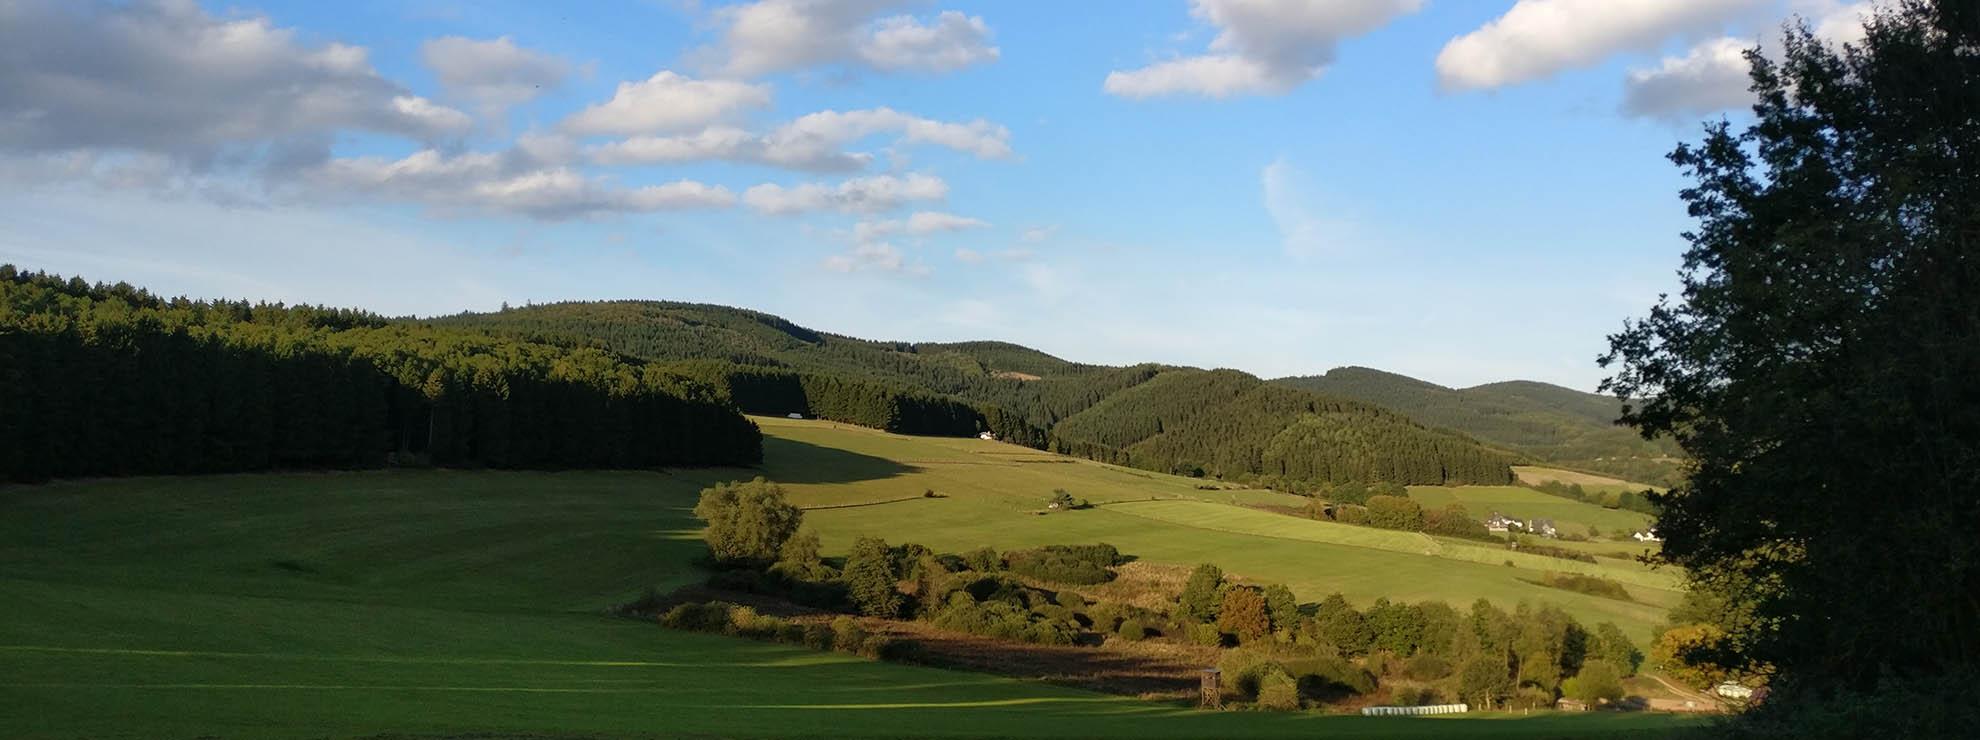 Unser 3-Sterne Hotel im Sauerland ist ideal für den Mountain Bike Urlaub geeignet